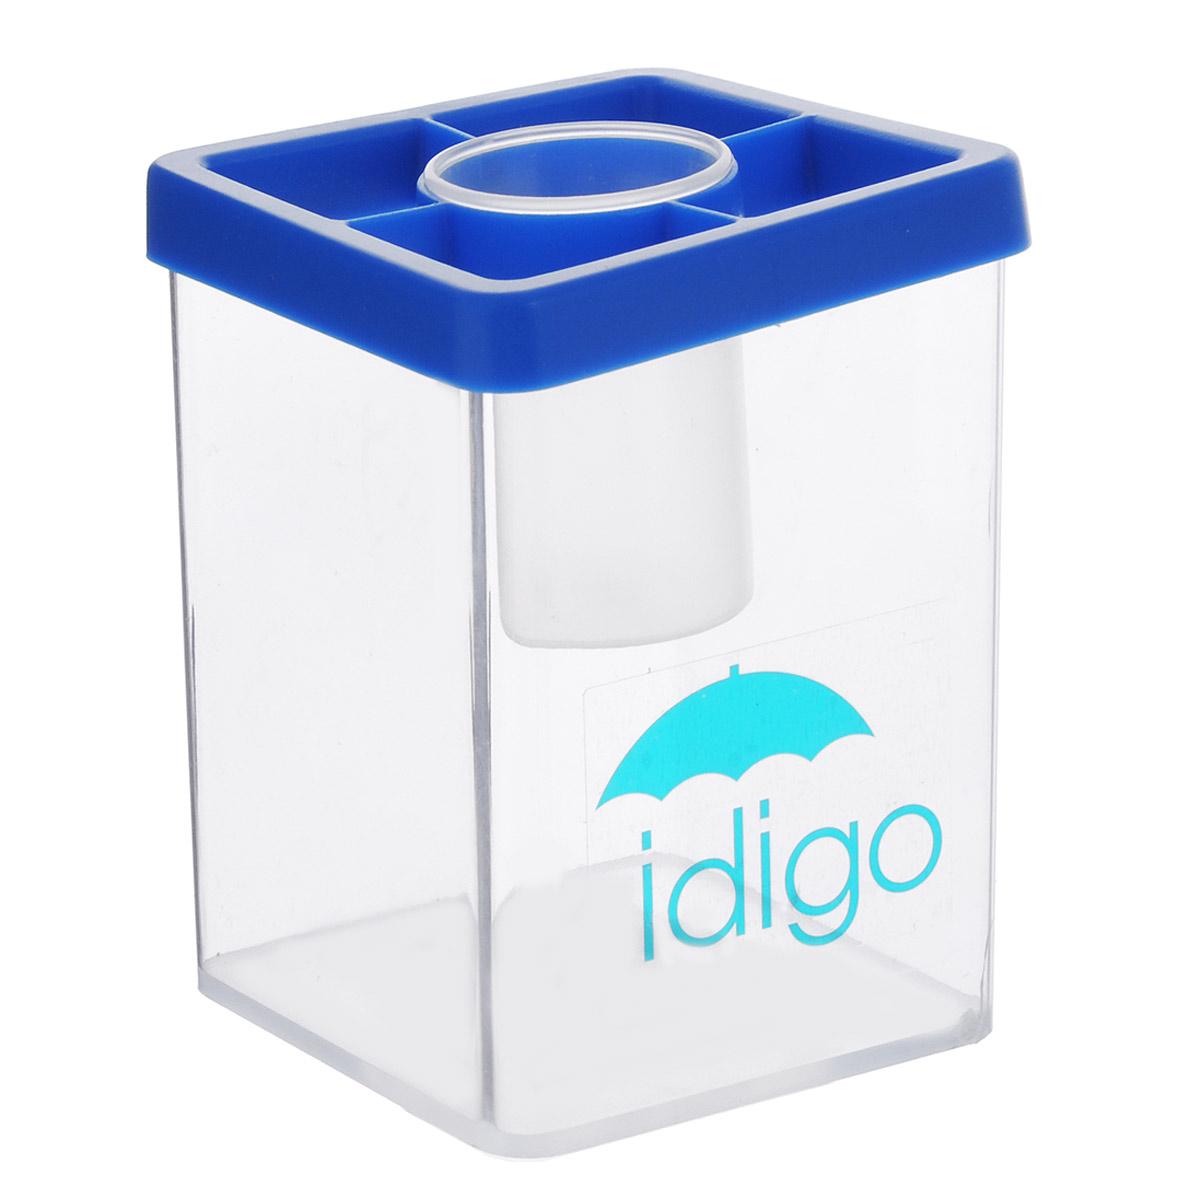 """Многофункциональная подставка-стакан """"Idigo"""" станет незаменимым атрибутом на письменном столе ребенка. Она идеально подходит для мытья кистей во время рисования. Кроме того, удобный стакан может быть использован для хранения кистей, карандашей, ручек и фломастеров. А благодаря небольшой круглой баночке, расположенной в центре стакана, скрепки, кнопки и ластики не потеряются."""